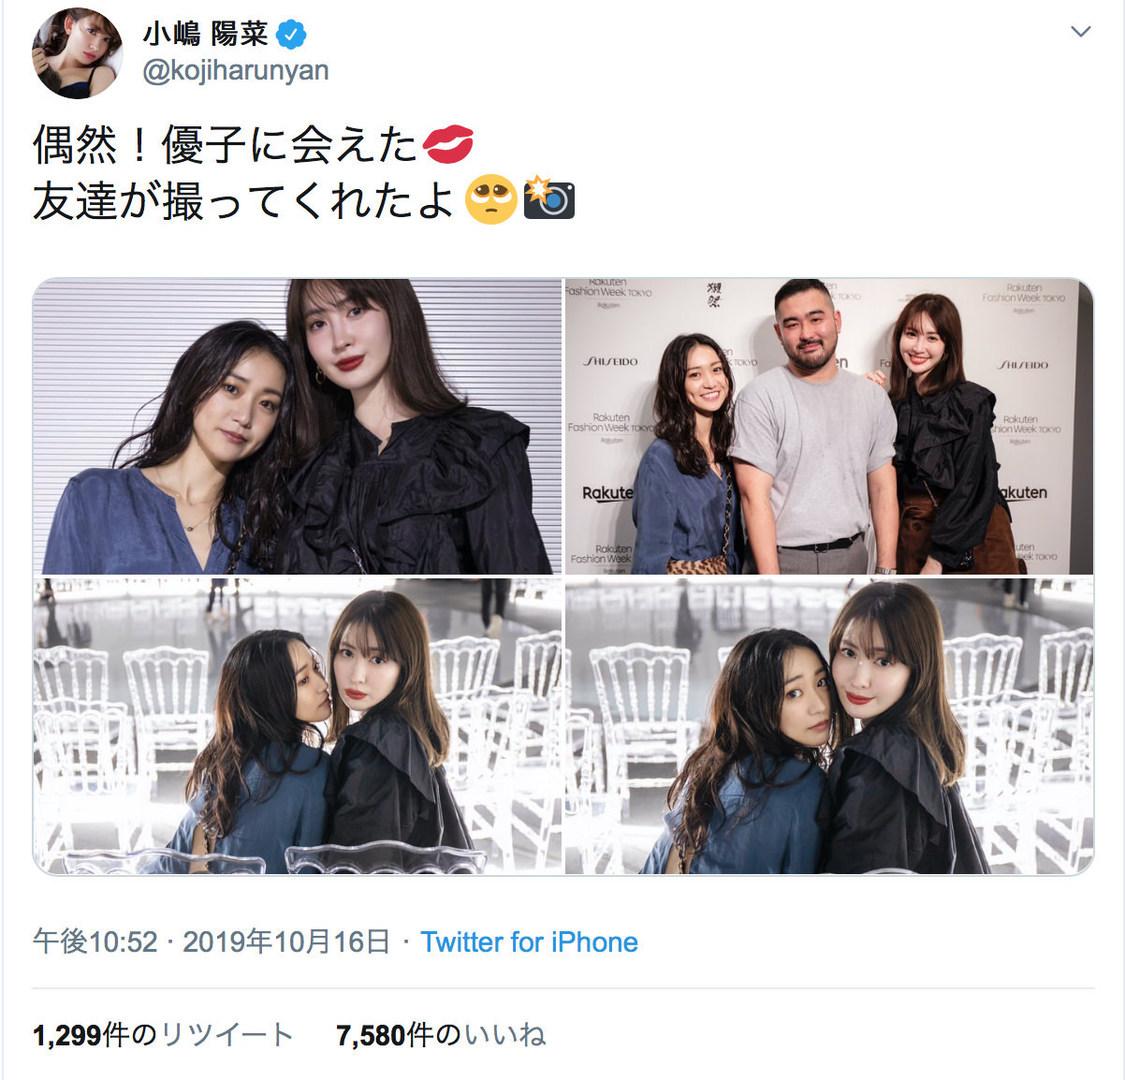 小嶋陽菜 公式Twitterより